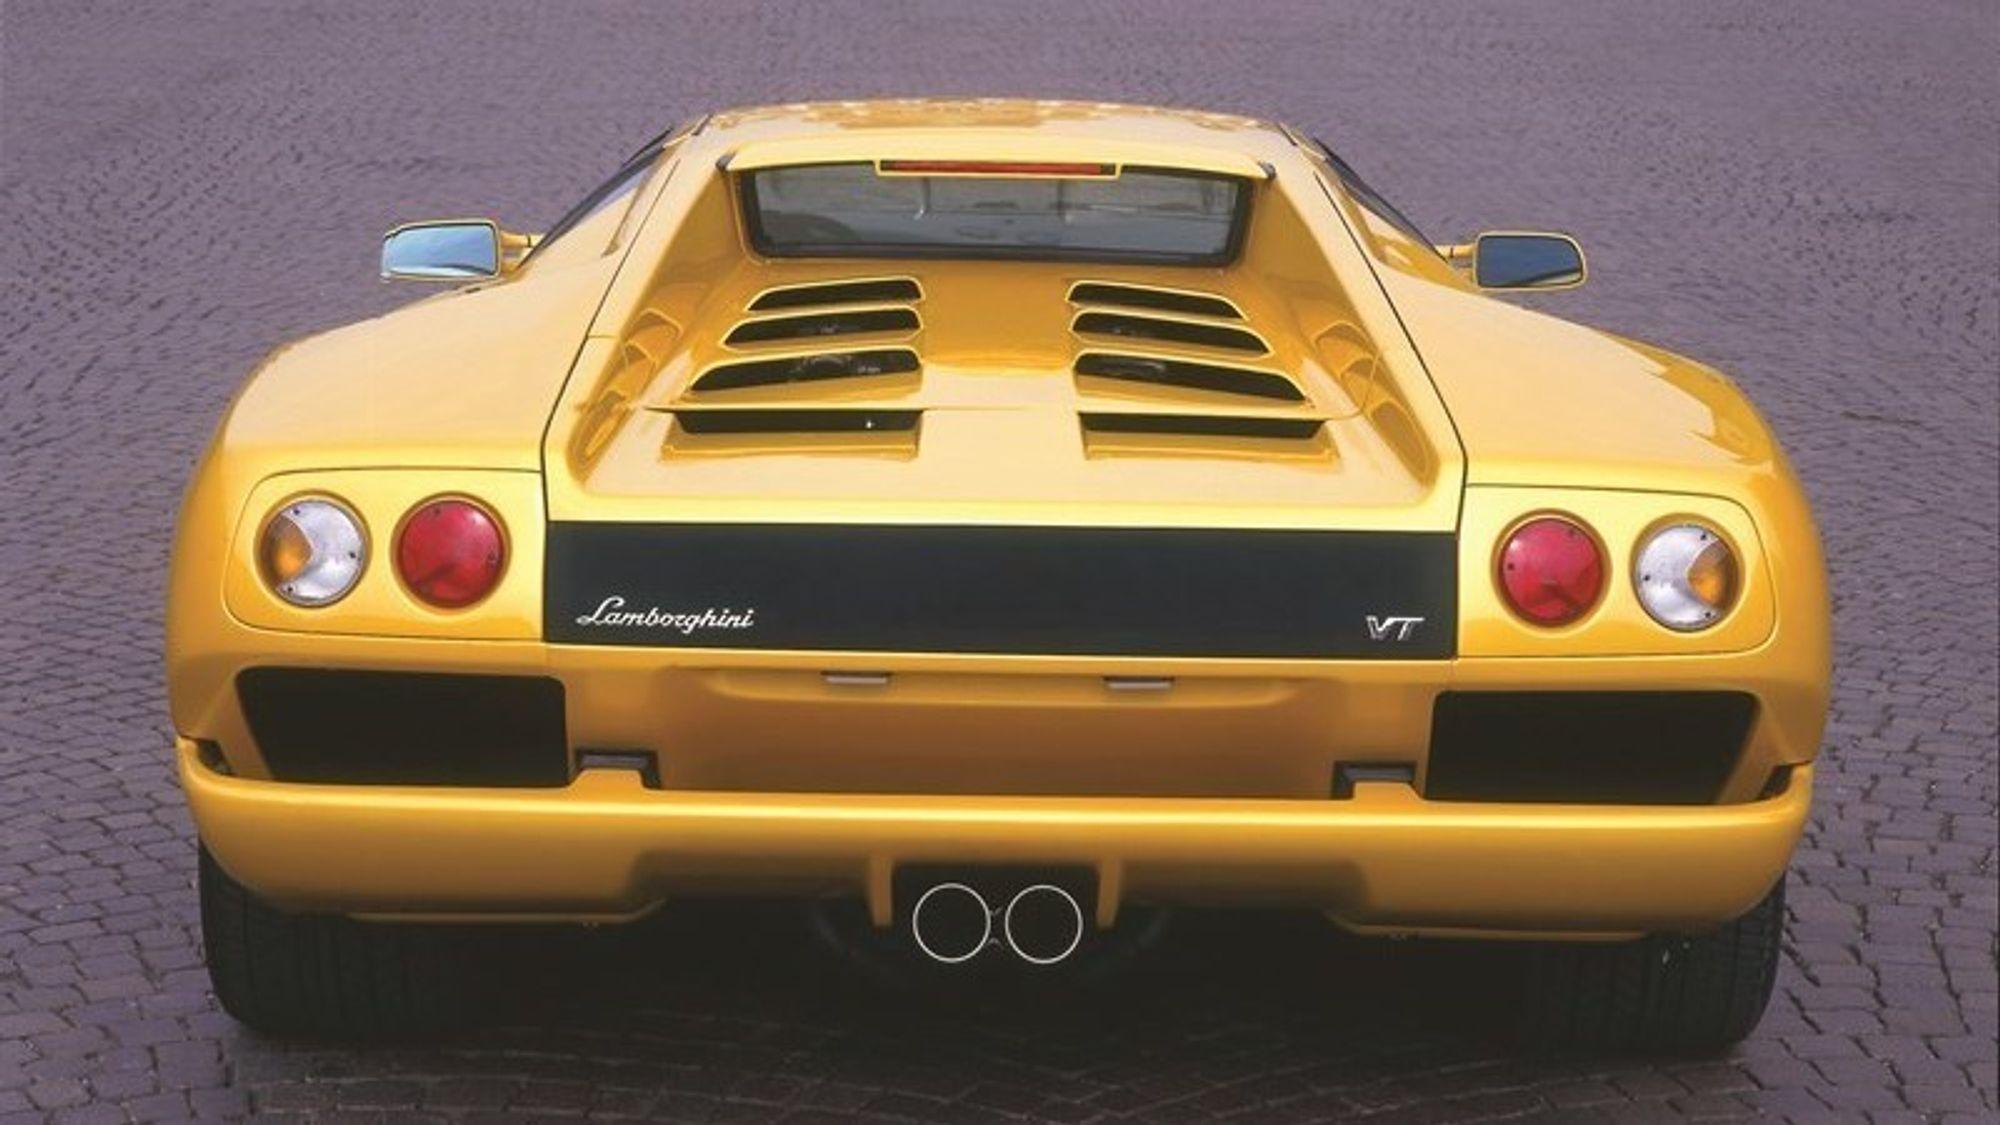 Lysende idé: Lamborghini Diablo og norske Th!nk kunne knapt vært lenger fra hverandre. Men én ting har de felles: baklysene.